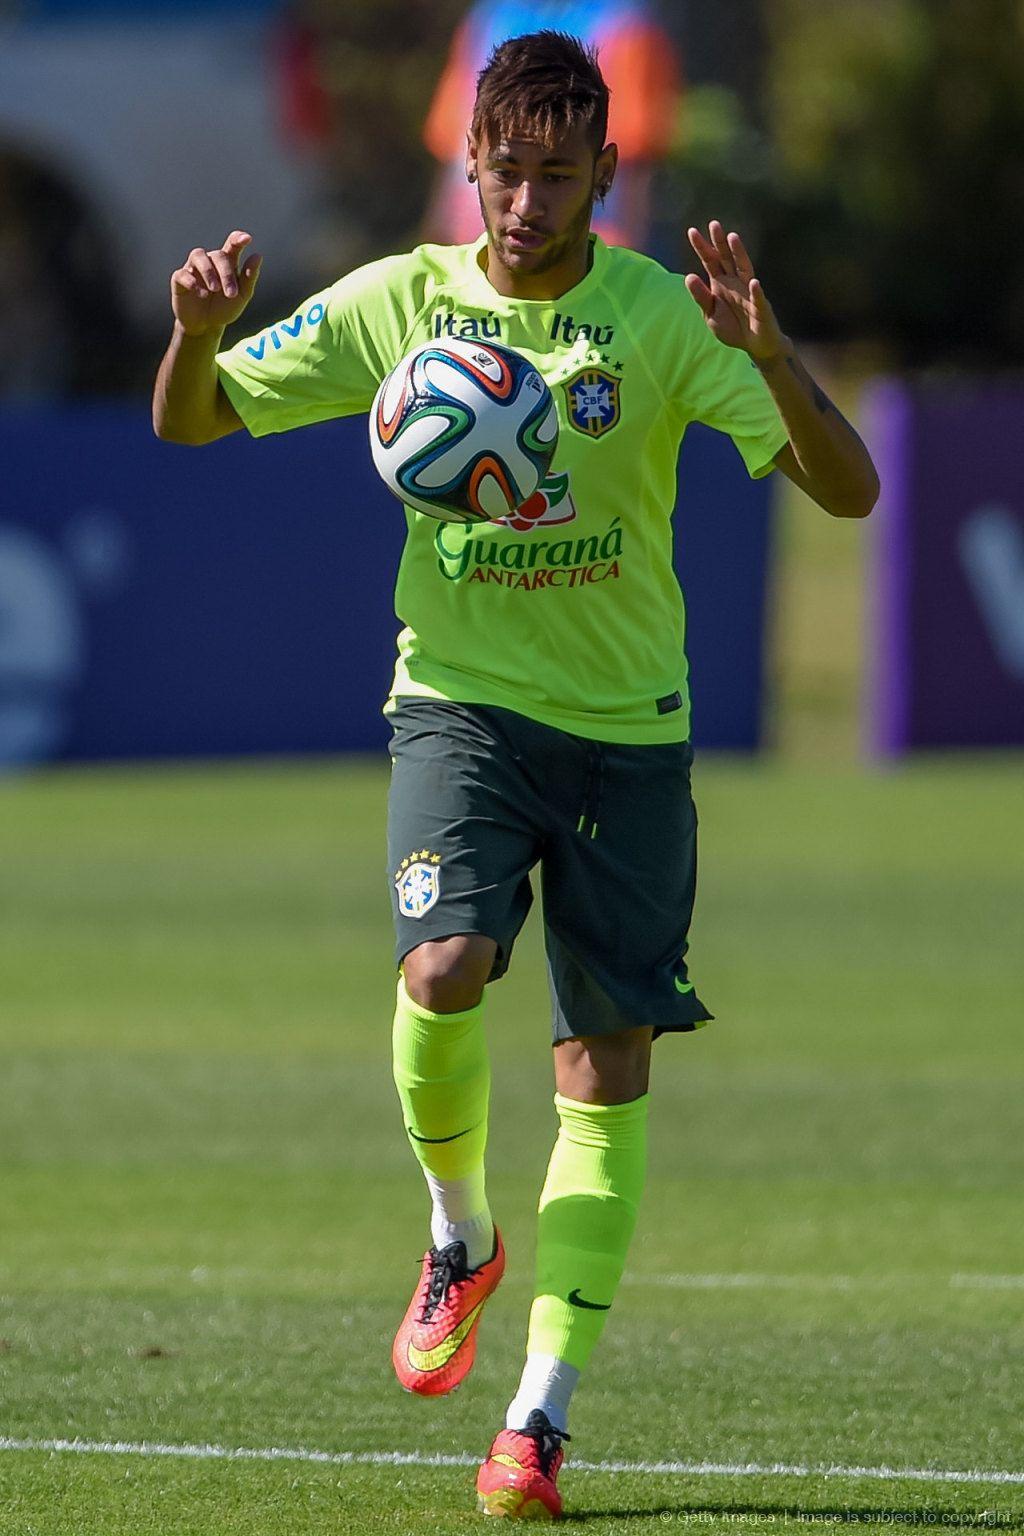 Buen equipo como buenos jugadores, y para la muestra Neymar, un botón, pero le auguro más bien pocos resultados favorables con Felipão de DT.